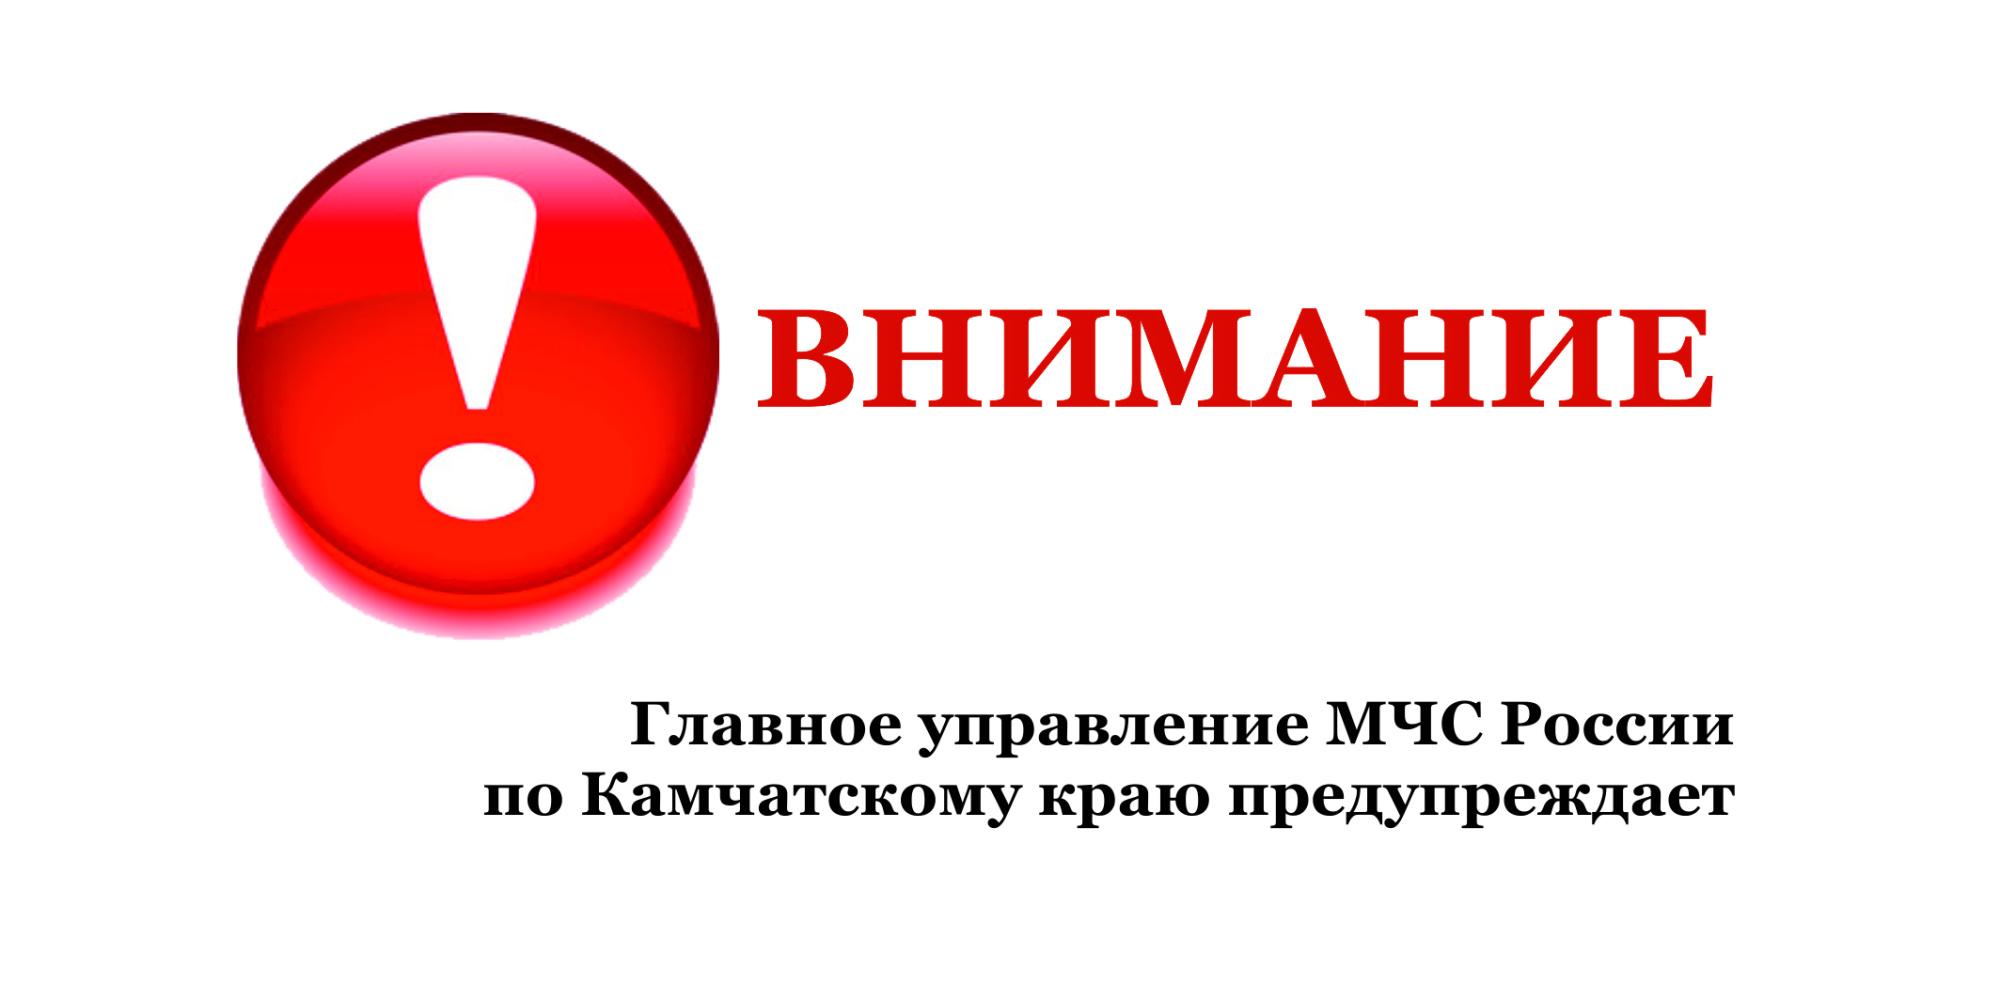 Особый противопожарный режим ввели в двух сёлах Мильковского муниципального района на Камчатке